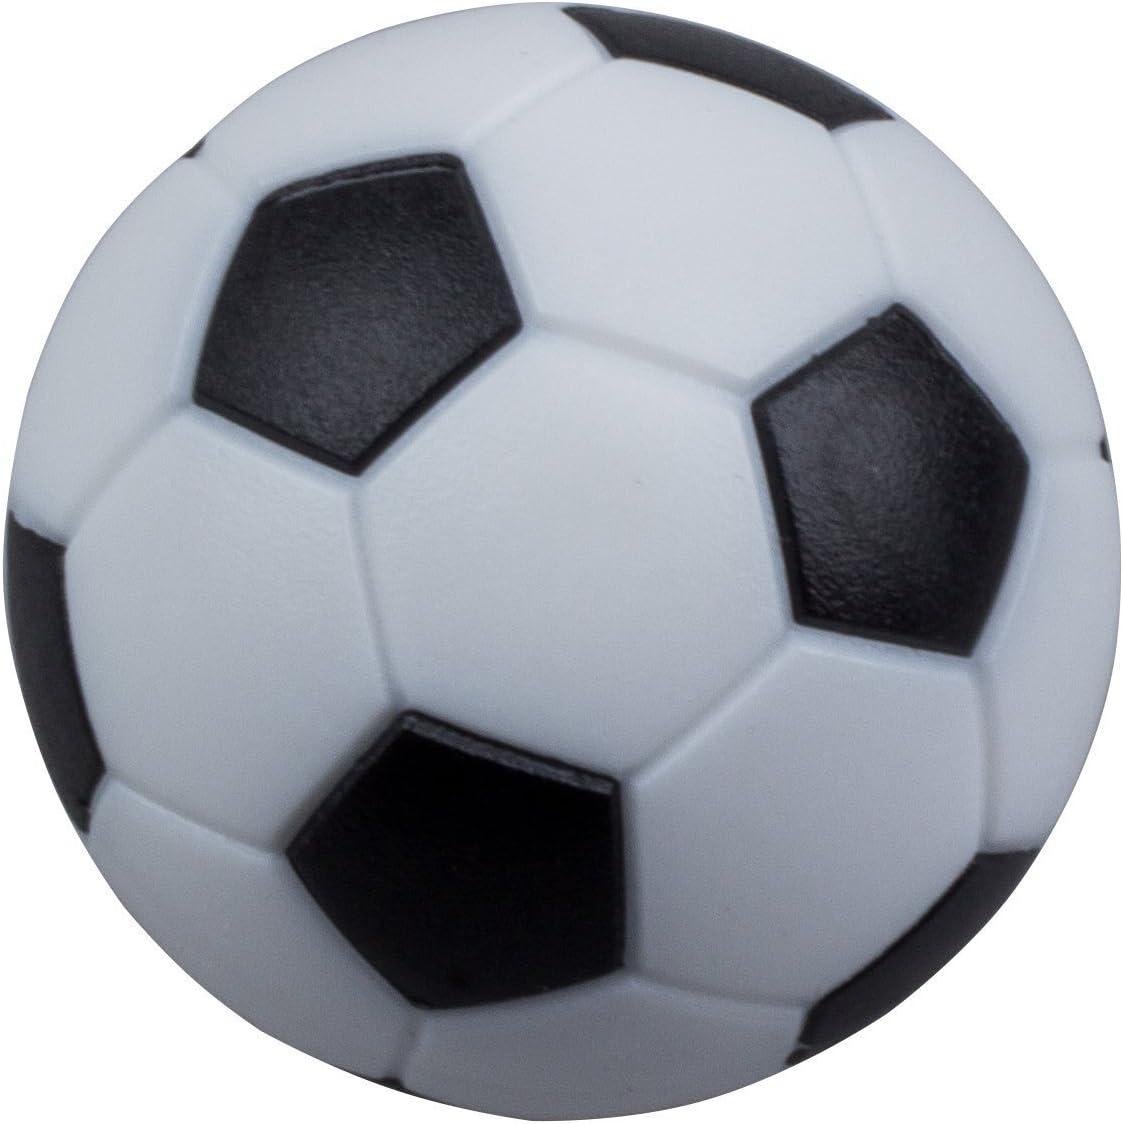 SODIAL 4pcs de 32mm Mesa de futbol de plastico Pelota de foosball Bola de futbolin: Amazon.es: Juguetes y juegos